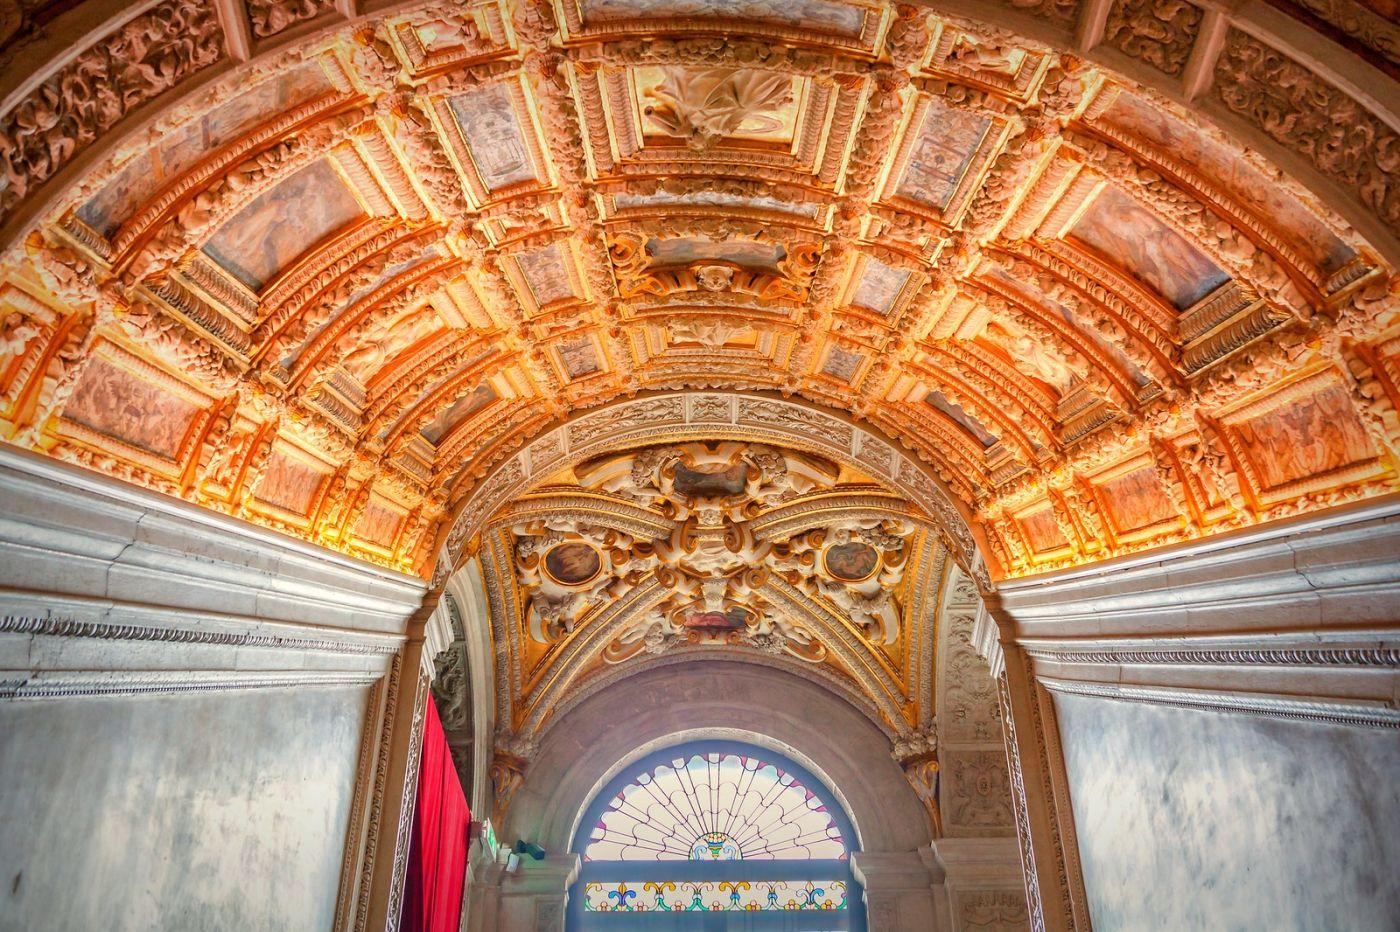 威尼斯圣马可大教堂(St Mark's Basilica), 精雕细琢的顶设_图1-29